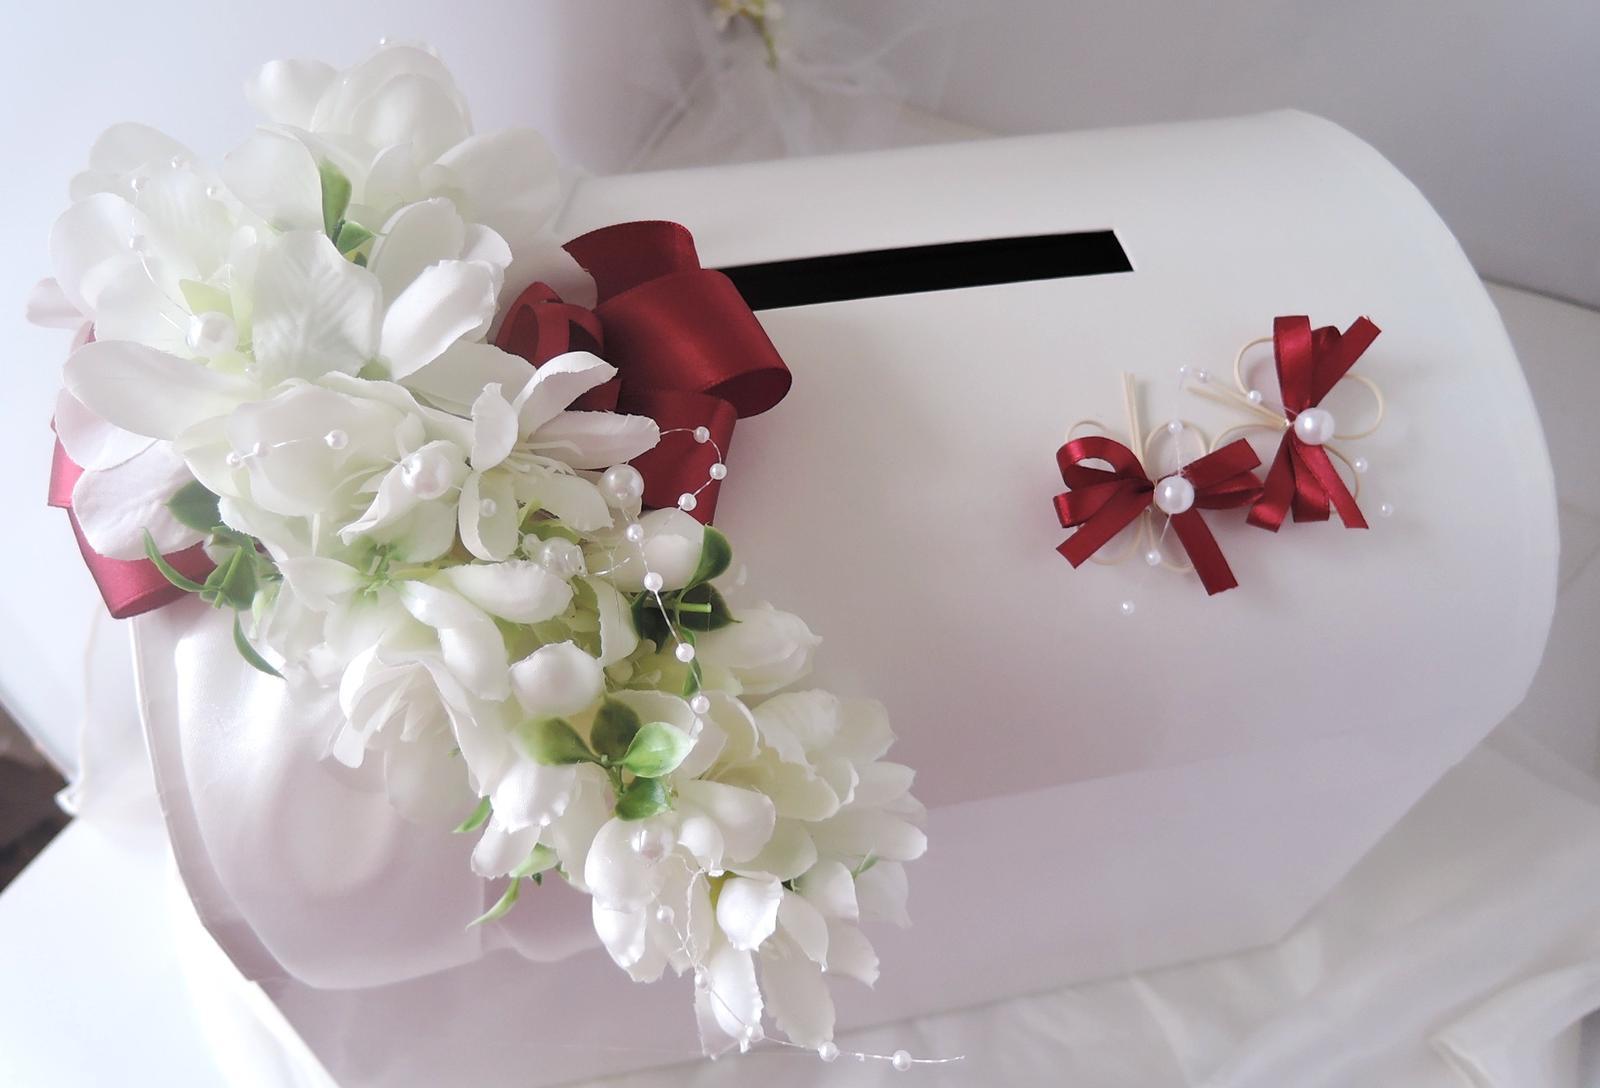 svatební pokladnička velká-motýlci bordó-zapújčení - Obrázek č. 1